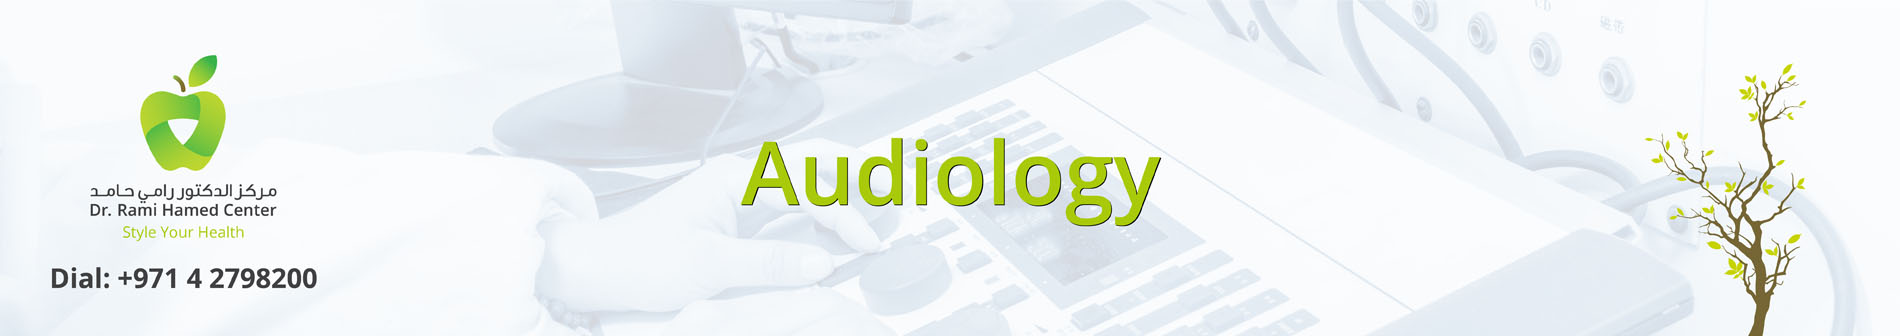 Dubai Audiology Clinic